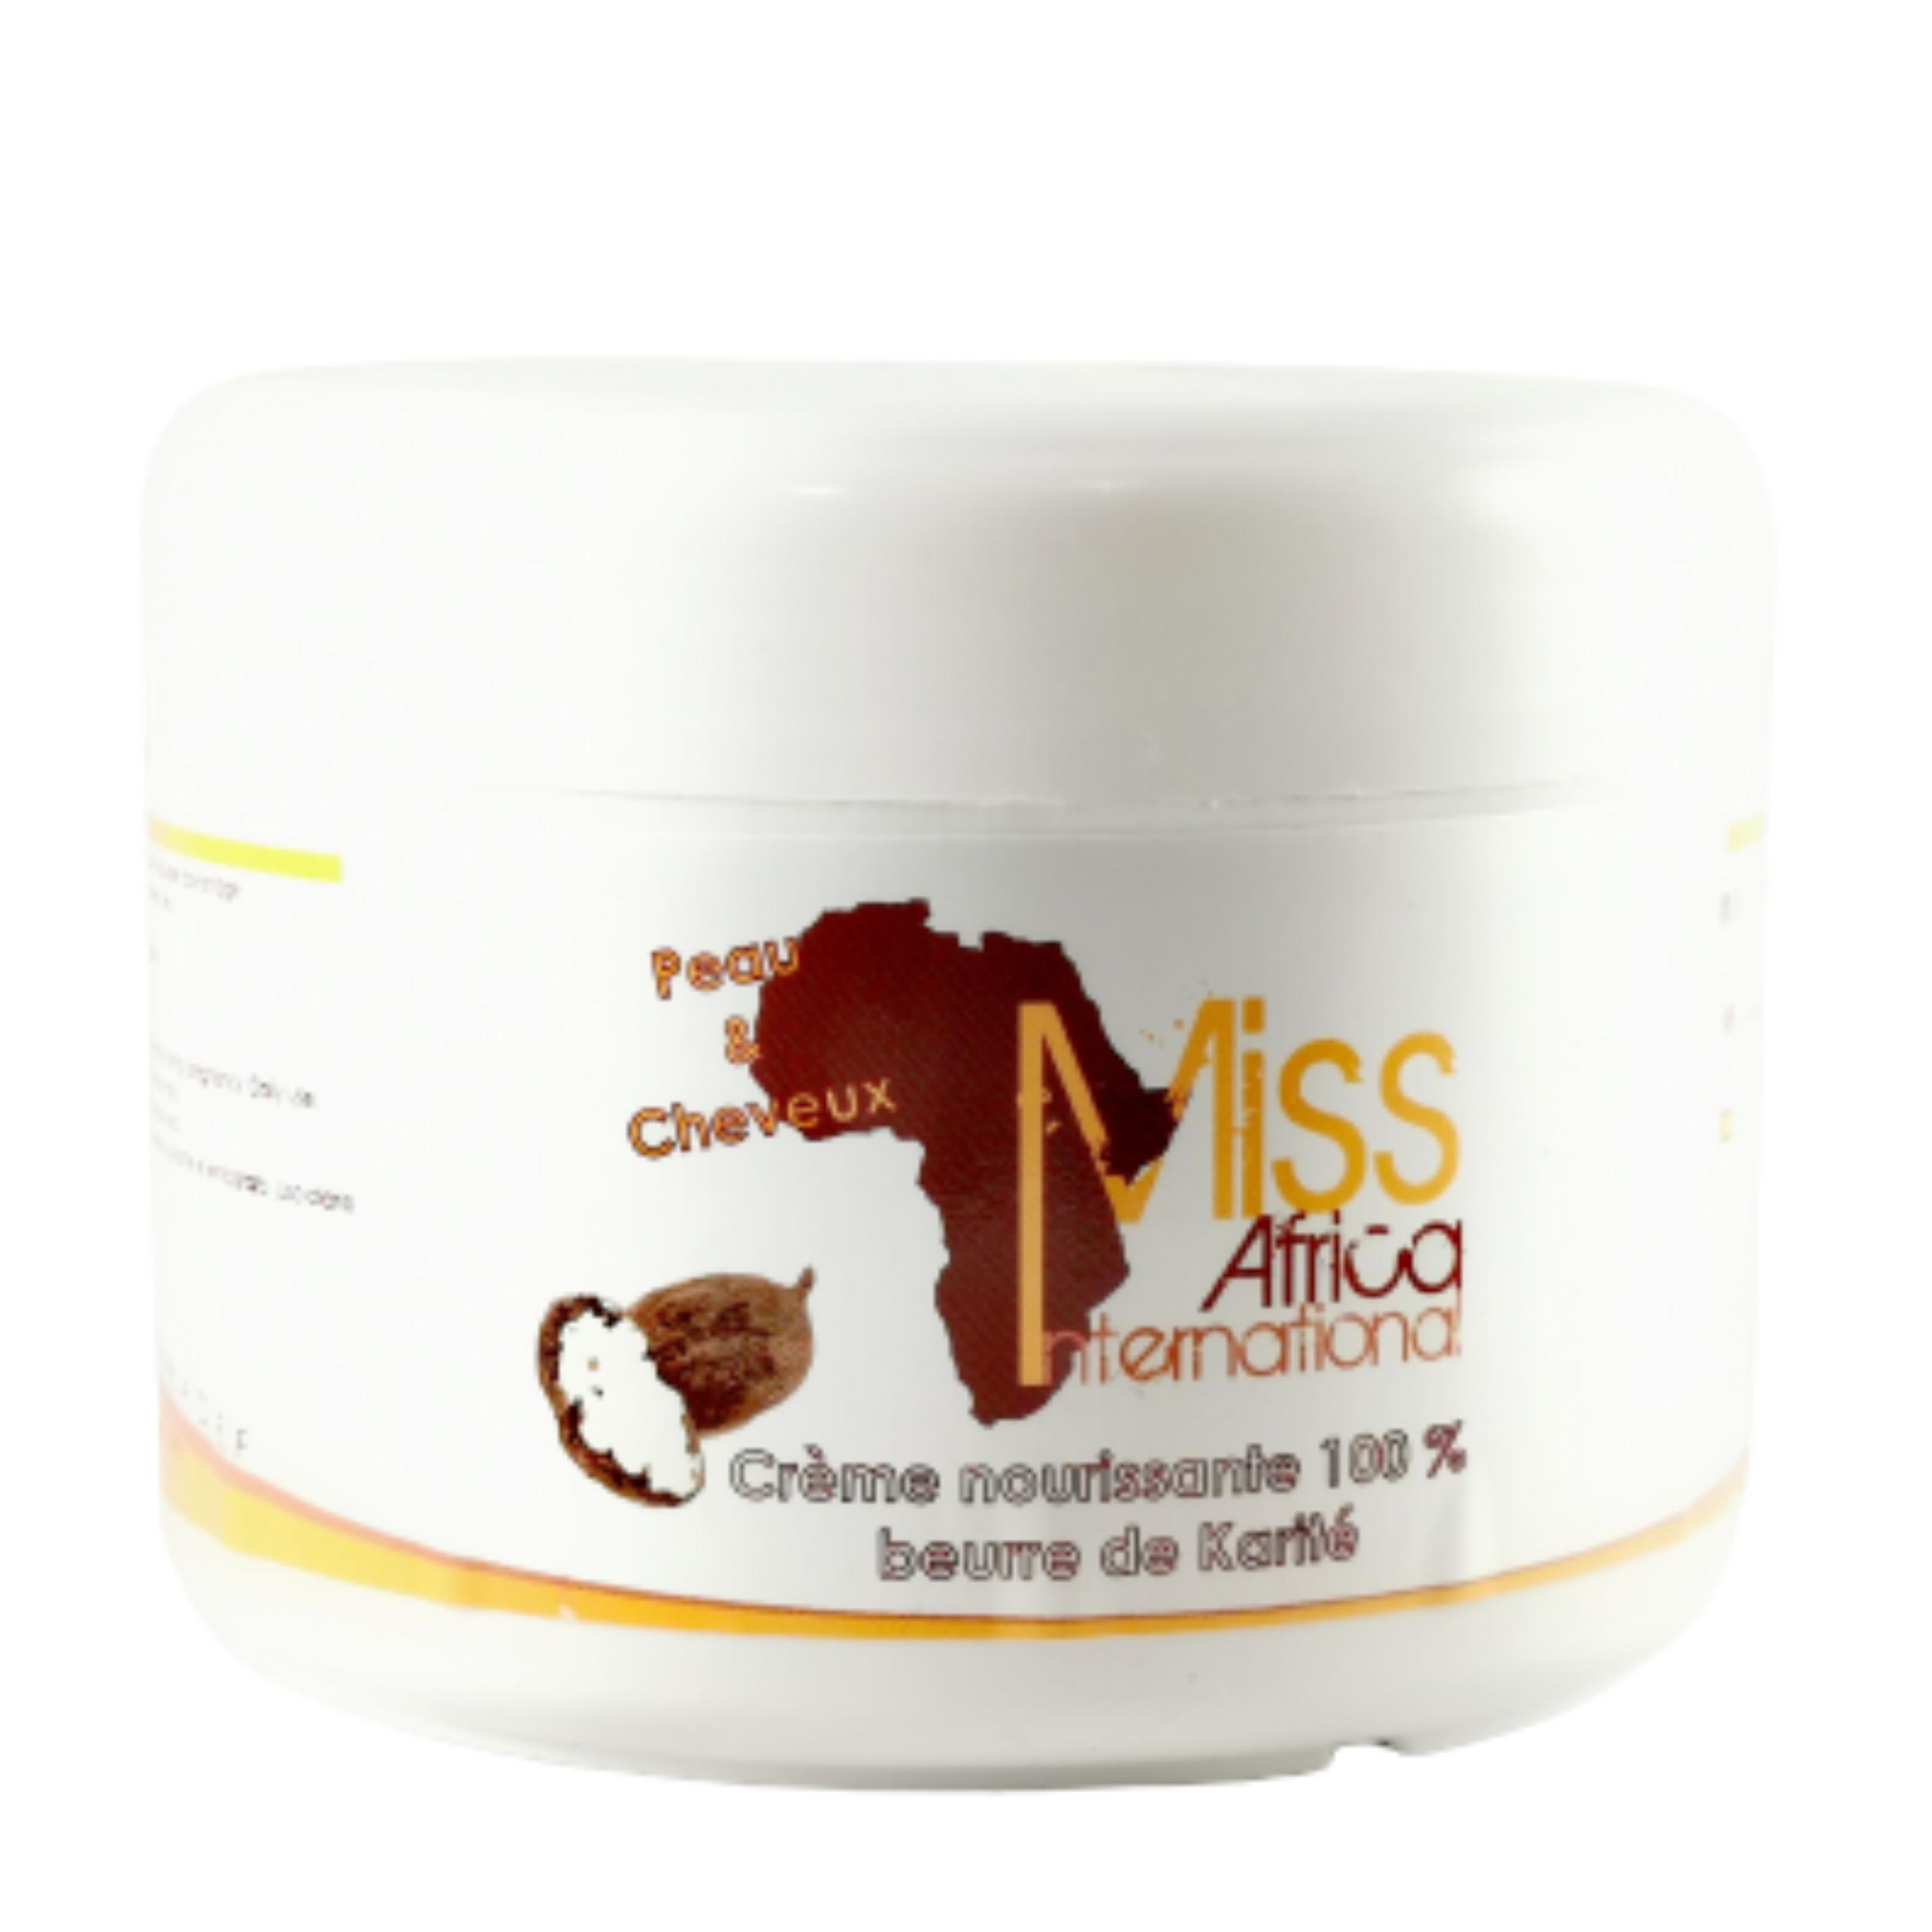 Beurre de karité brut. Épiderme plus frais et vos cheveux une santé de fer - MISS AFRICA